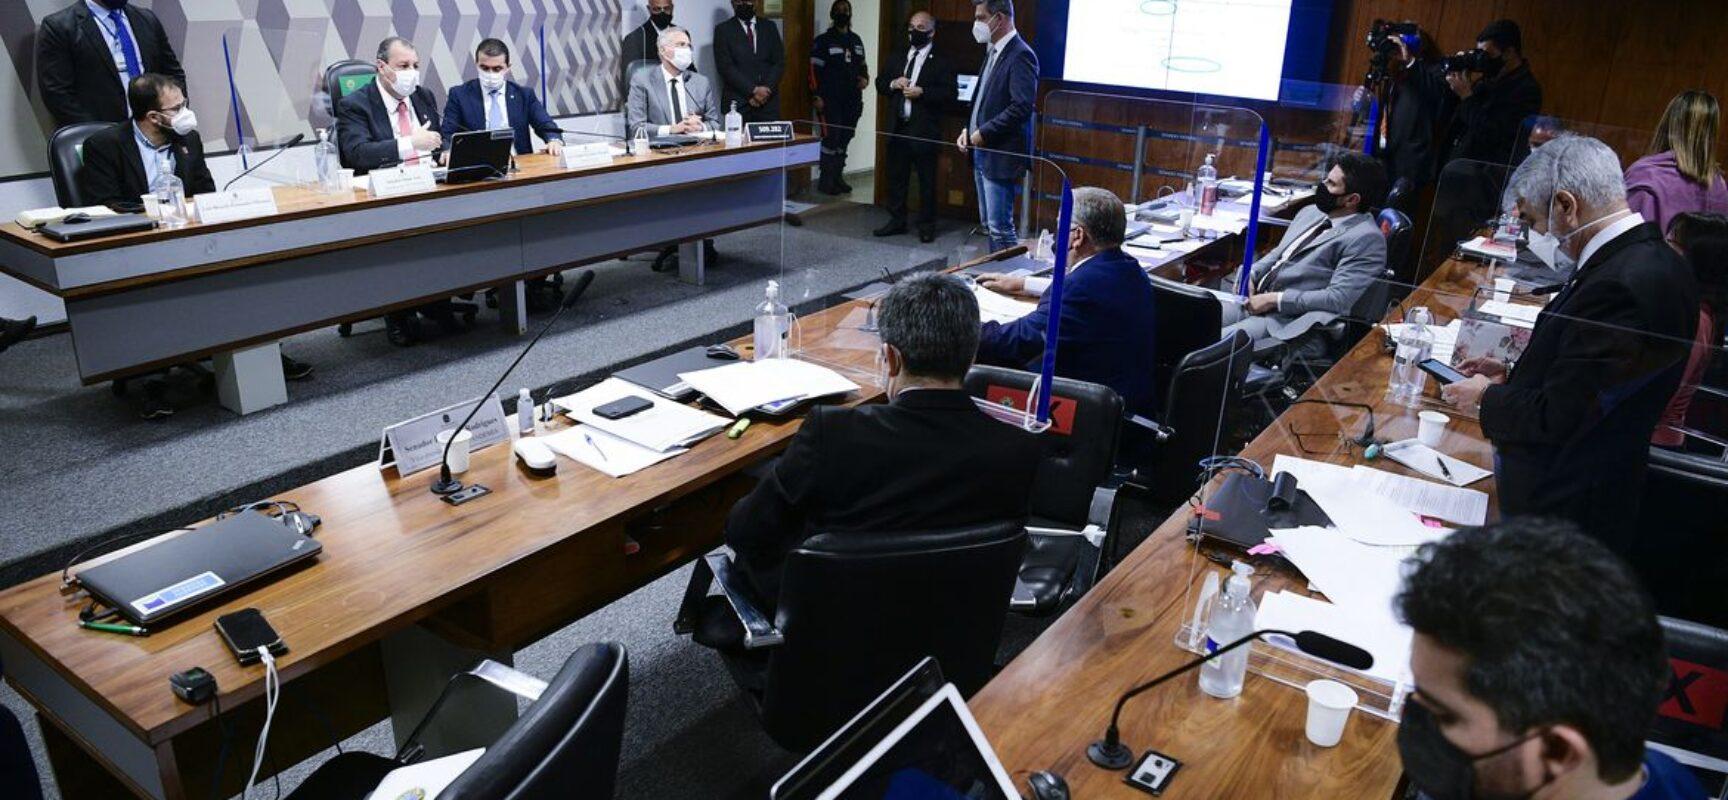 Luis Ricardo Miranda diz ter sofrido pressões para compra da Covaxin